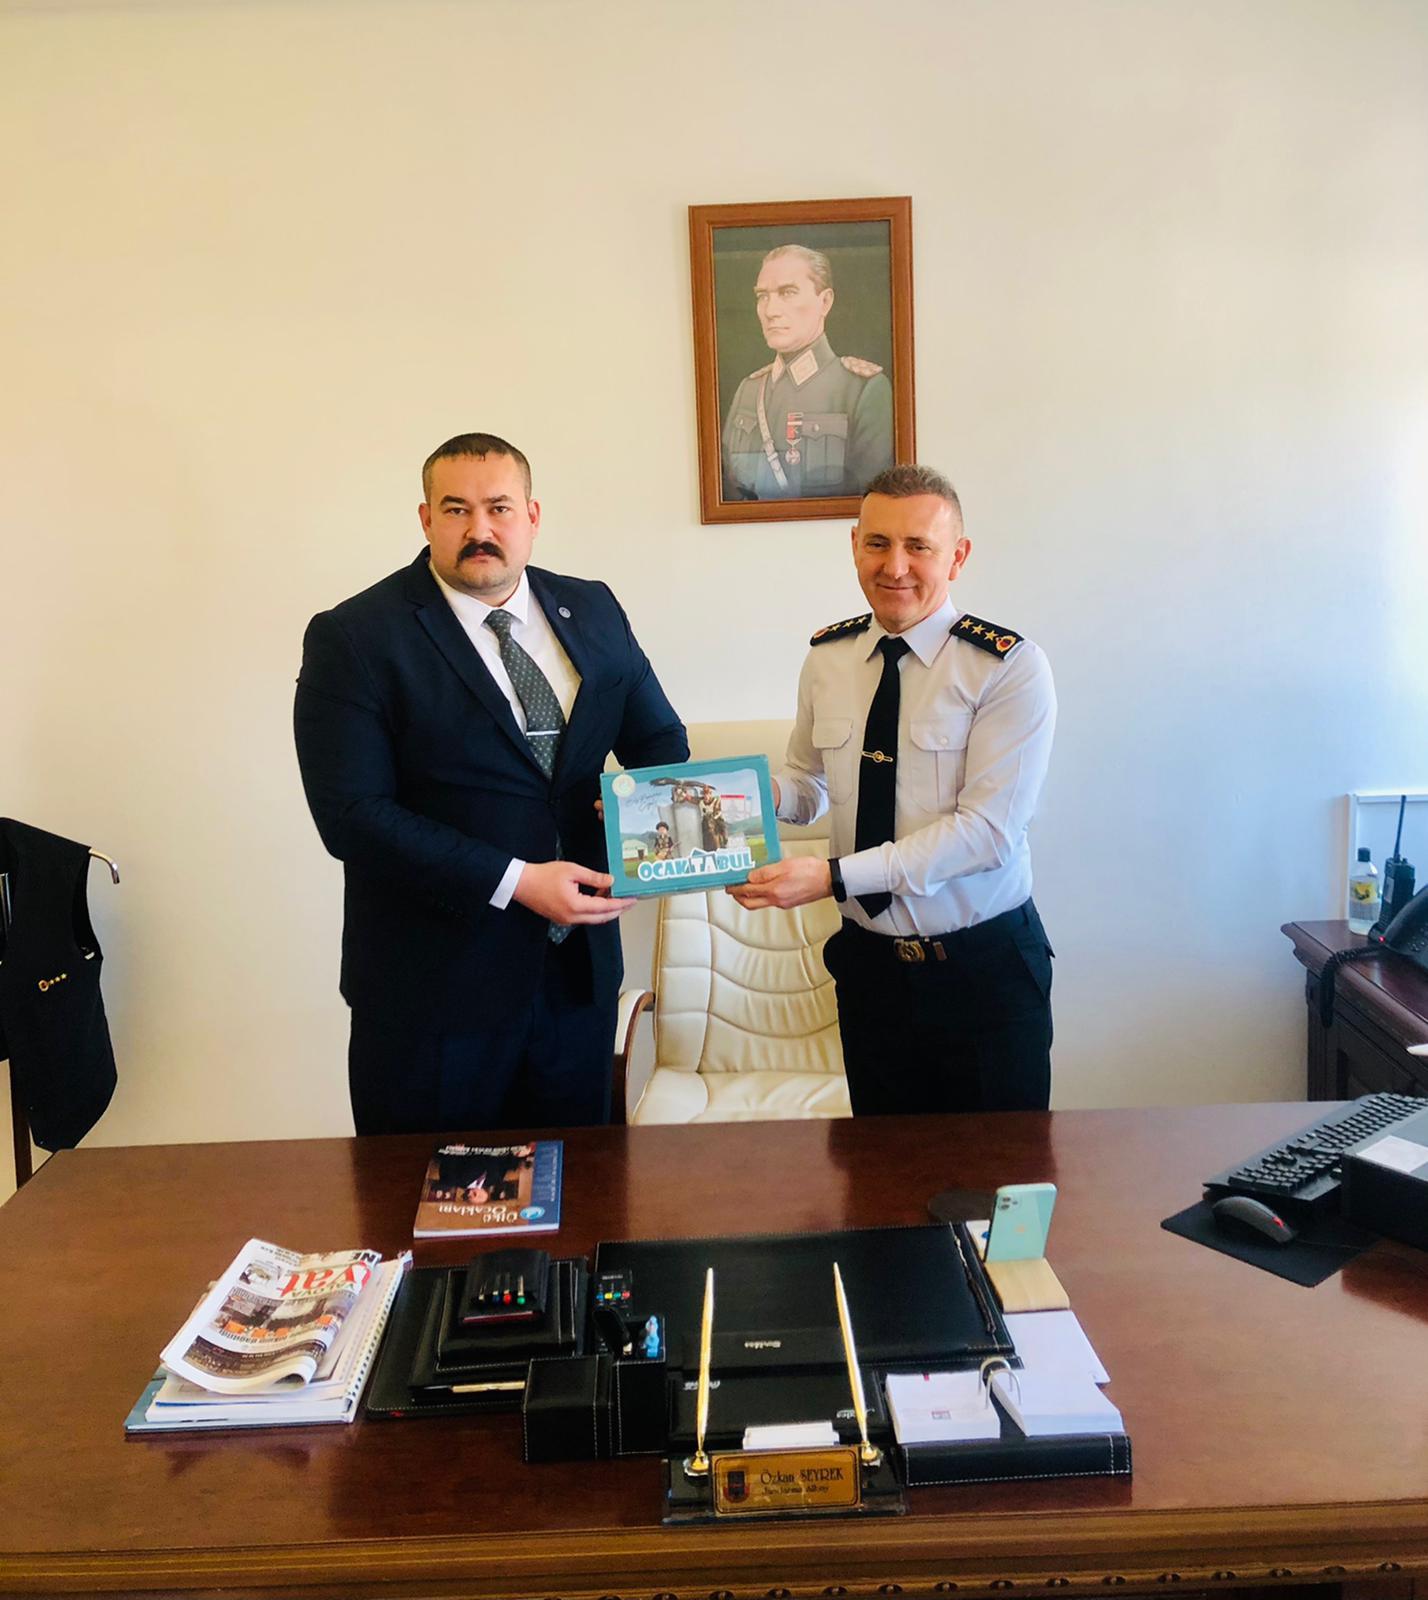 Yalova Ülkü Ocakları Başkanı Bora Tanaçan, Yalova İl Jandarma Komutan Yardımcısı Albay Özkan Seyrek'i makamında ziyaret etti